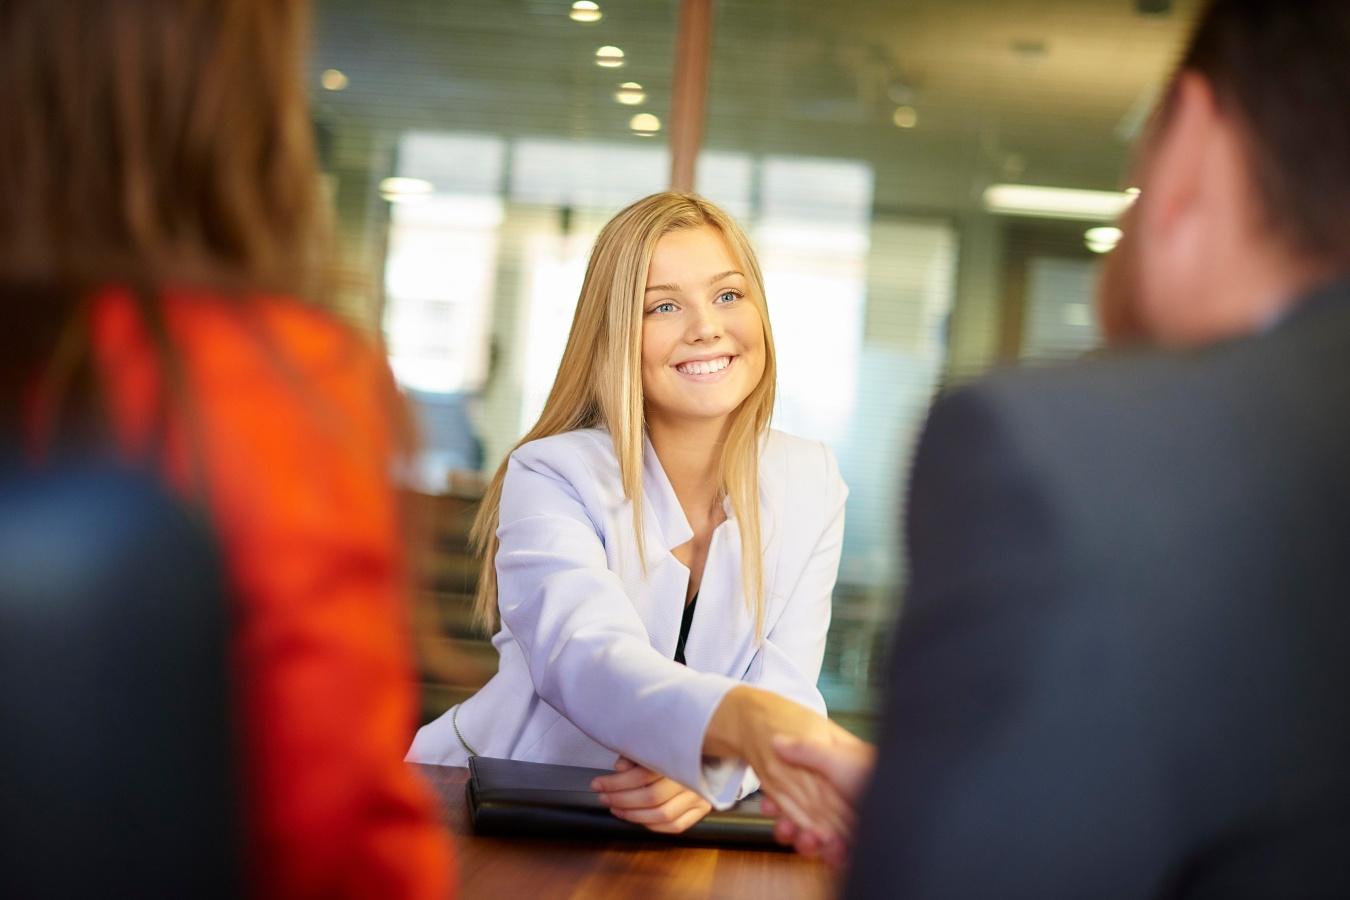 ЦЗН напоминает работодателям об обязанности информировать службу занятости об имеющихся вакансиях